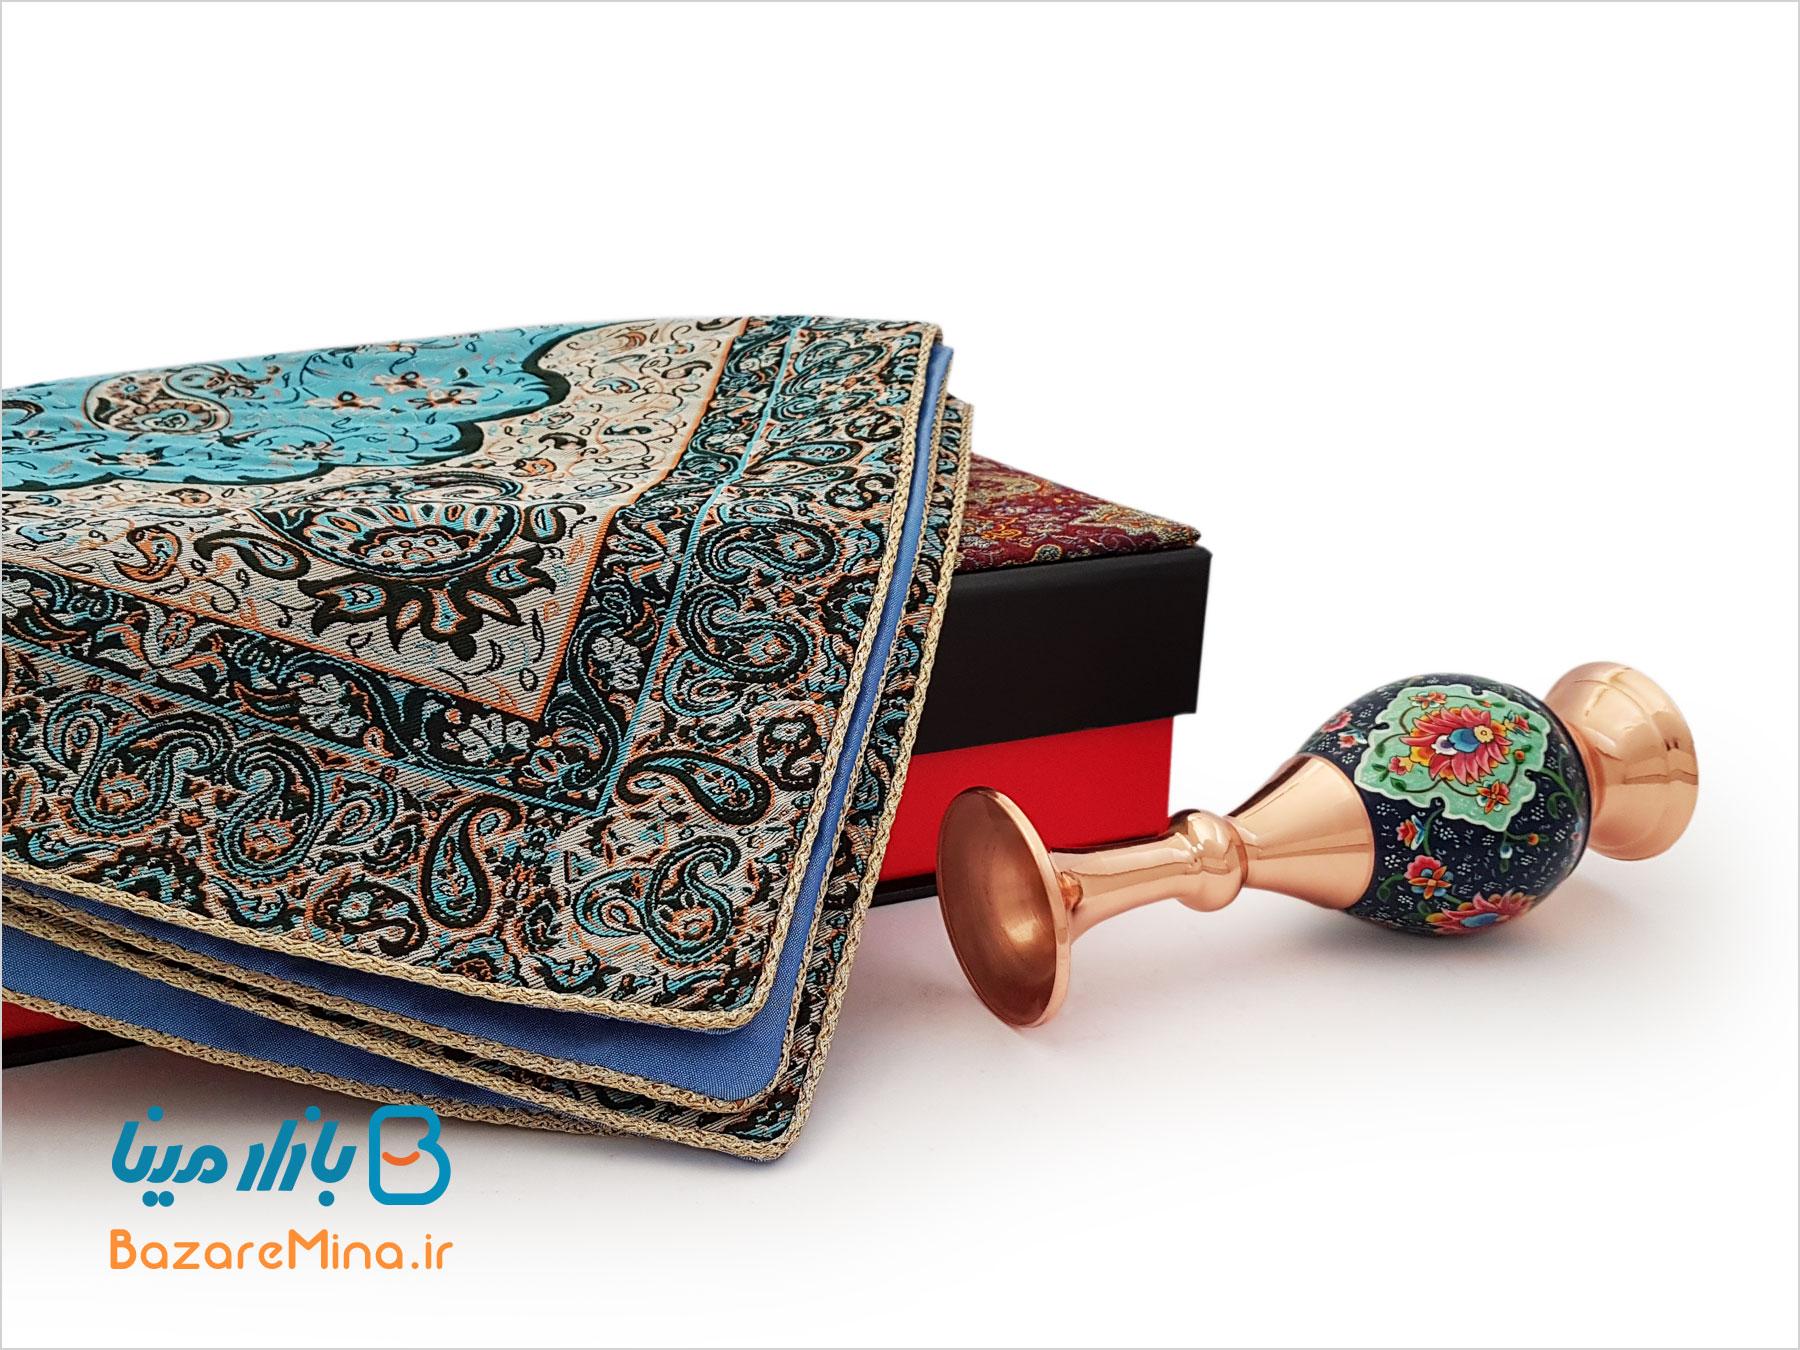 خرید هدیه صنایع دستی